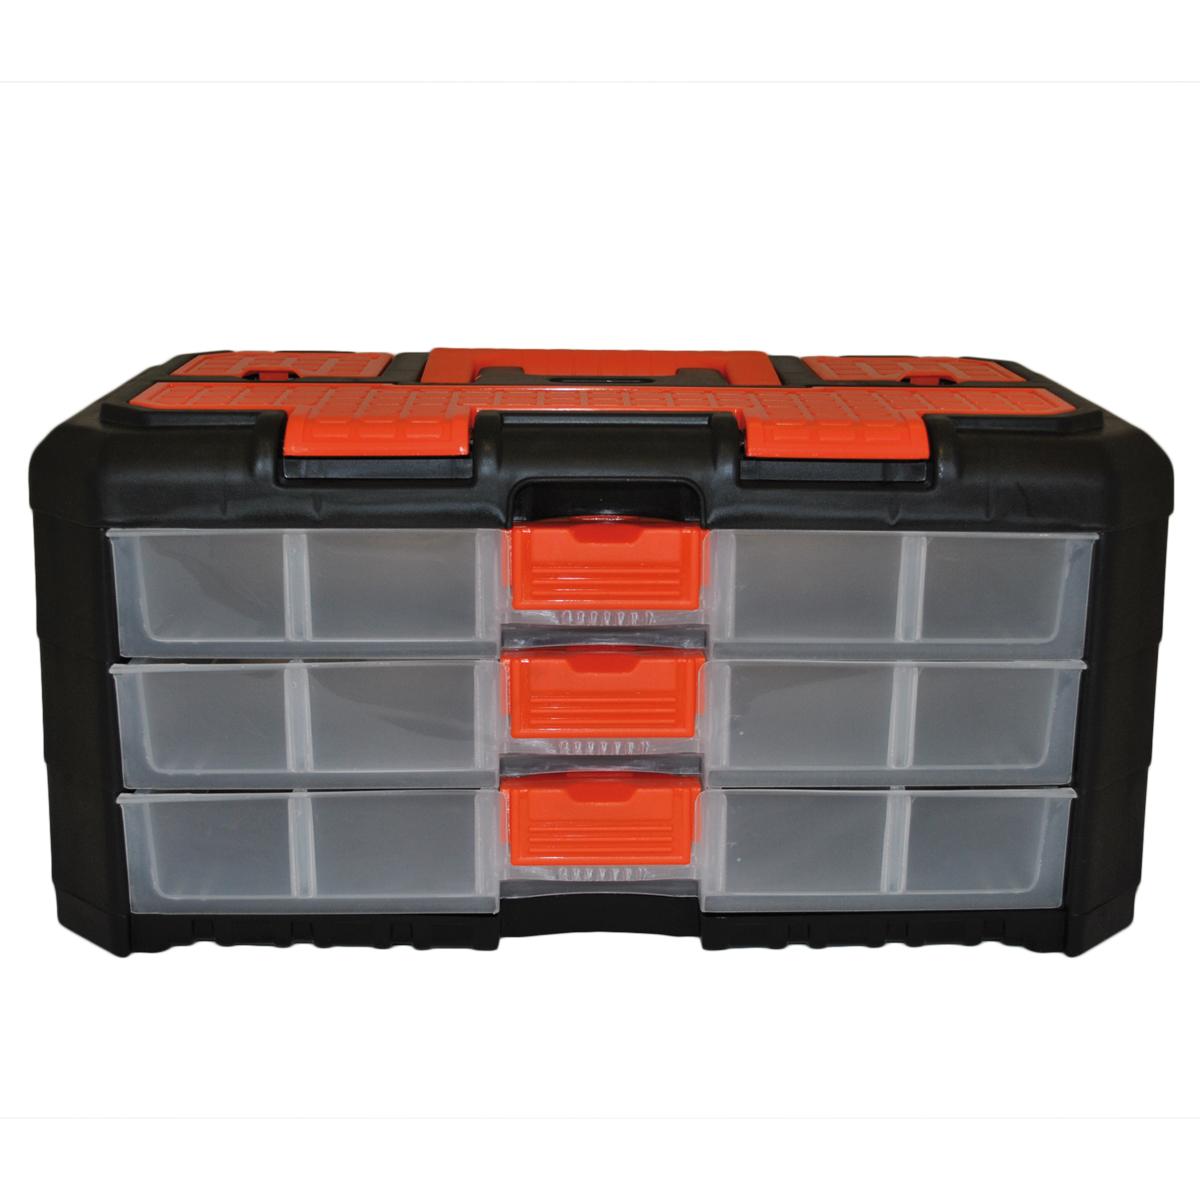 Органайзер для мелочей Blocker Grand, цвет: черный, оранжевый, 400 х 219 х 197 ммBR3736ЧРОРУниверсальный сет для мелочей Blocker Grand с ручкой для переноски выполнен из высококачественного полипропилена. Секции фиксируются замками, которые надежно защищают от случайного открывания. Внутри секции разделены съемными перегородками, что позволяет организовать внутреннее пространство в зависимости от потребностей и делает сет пригодным для хранения не только мелочей, но и предметов средней величины. Встроенные секции на крышке подходят для хранения скобяных изделий.